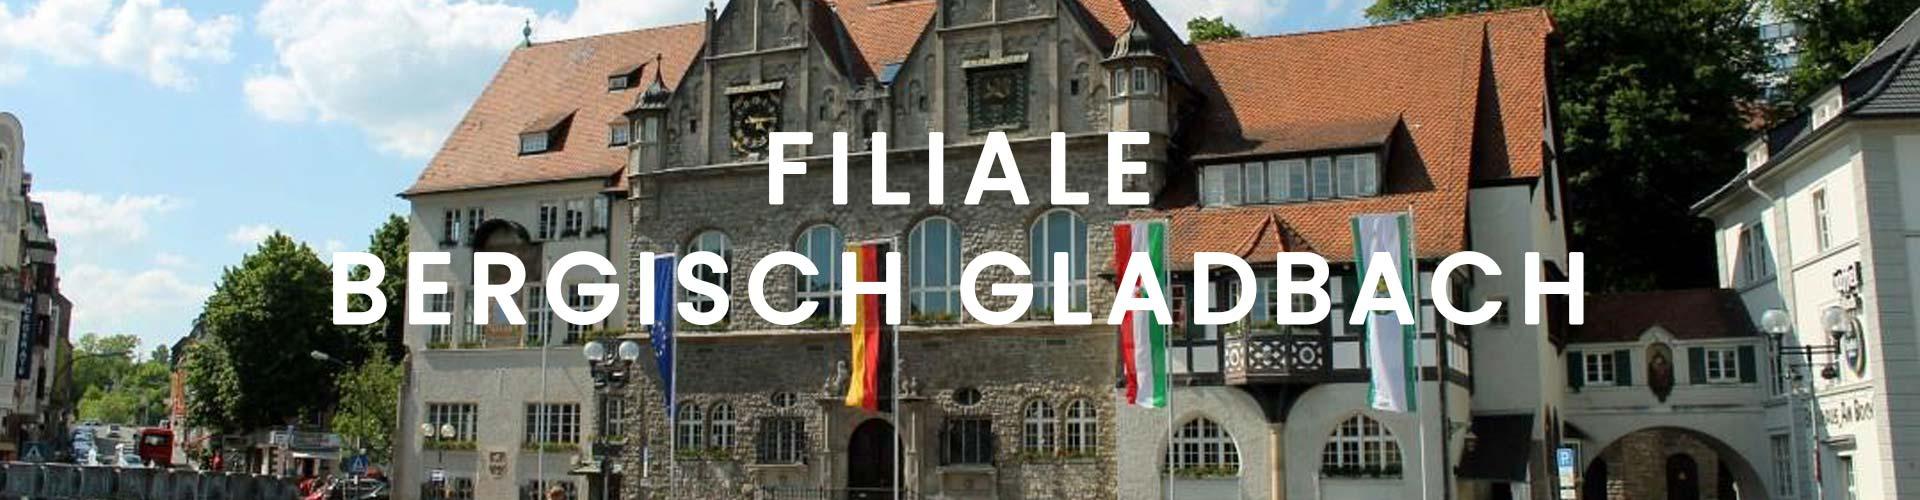 FLIX die Fahrschule Bergisch Gladbach, Fahrschule Bergisch Gladbach, Führerschein Bergisch Gladbach, Flix Fahrschule Bergisch Gladbach